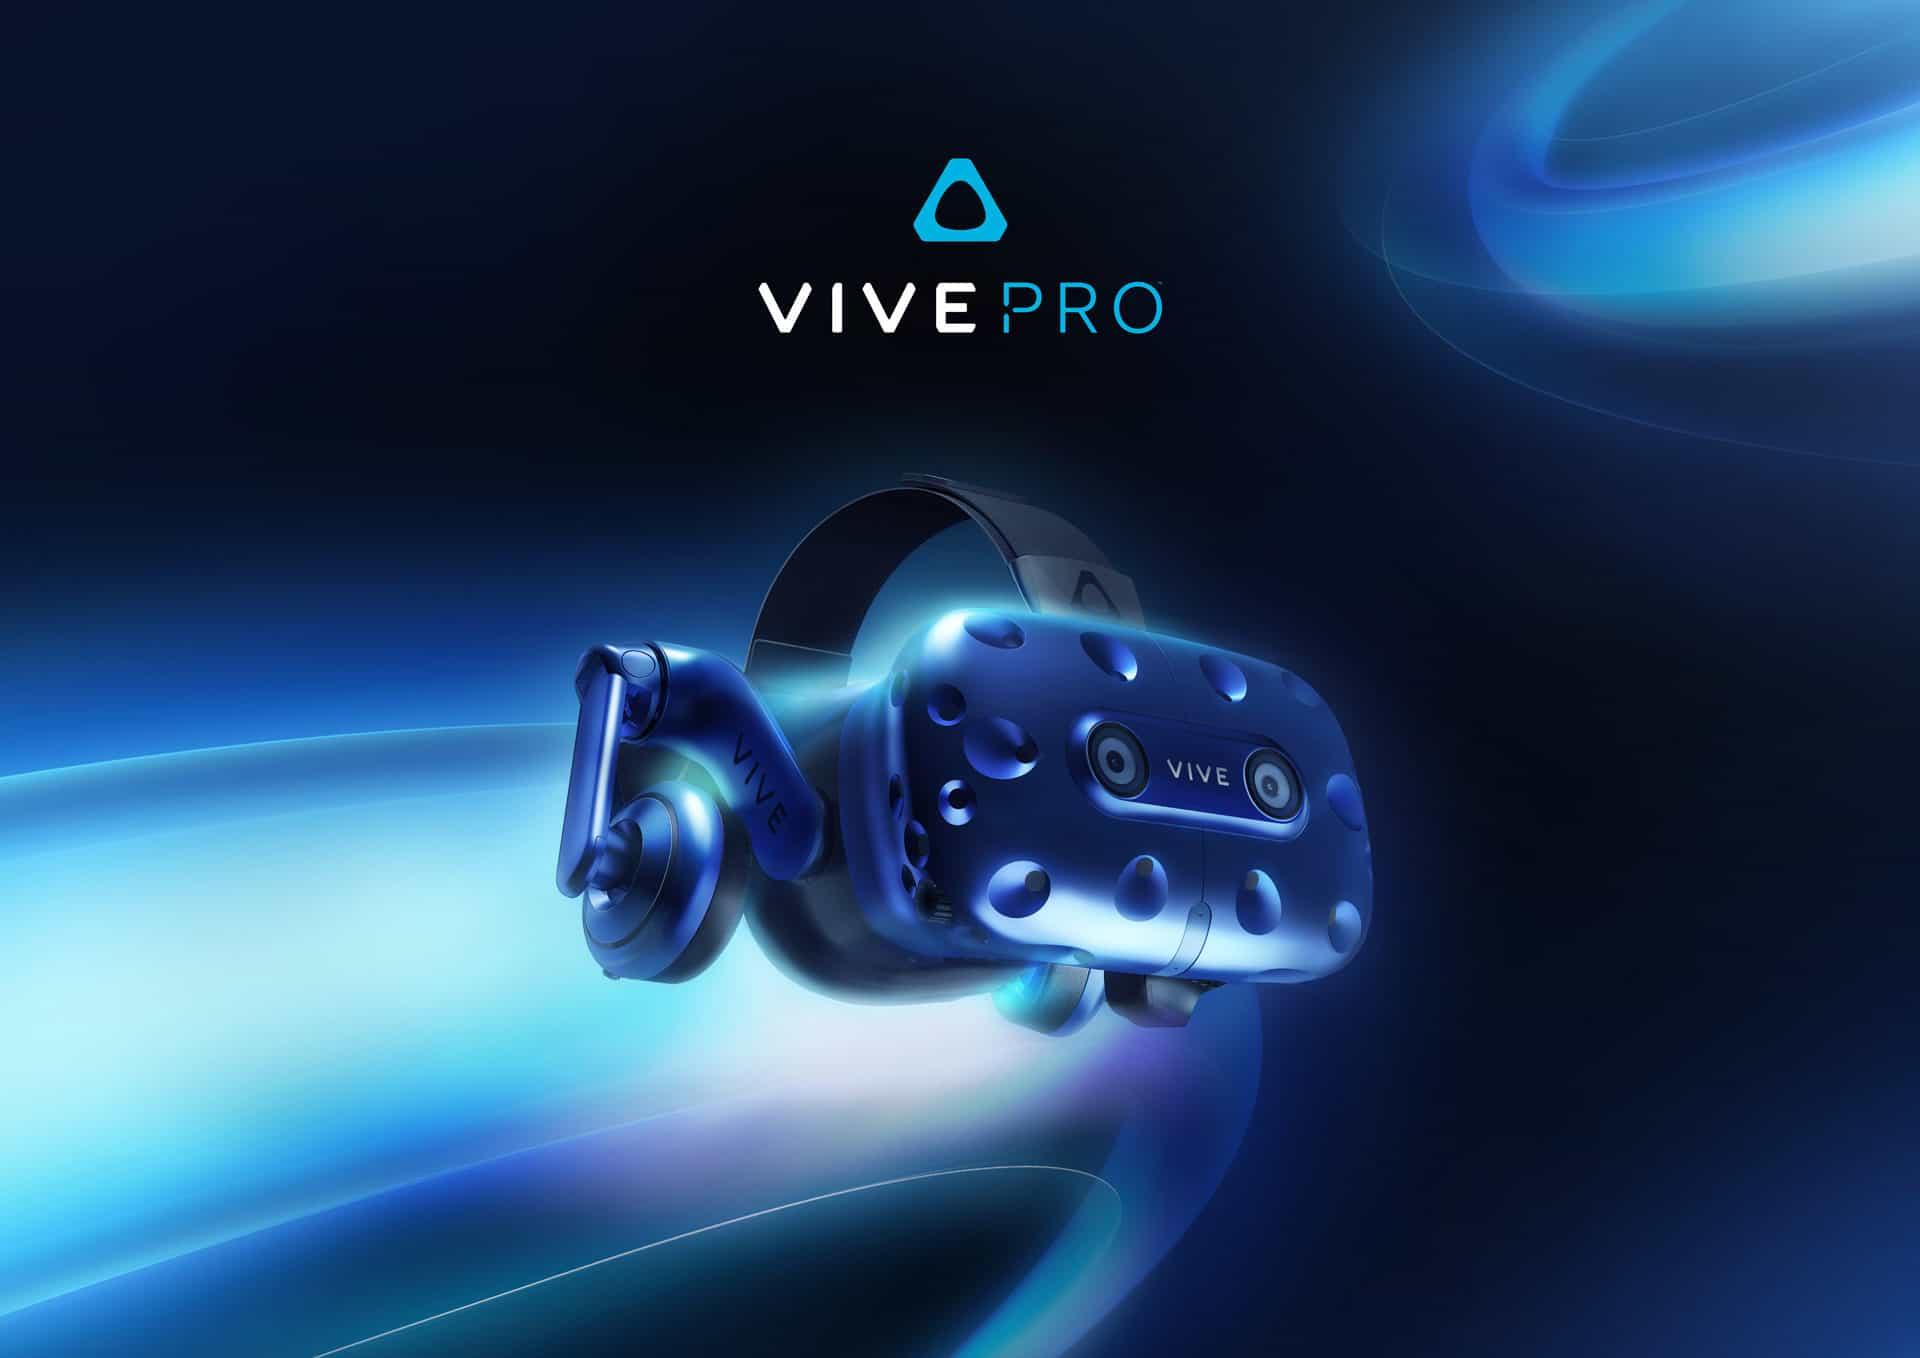 Bezdrátový adaptér posouvá odvětví virtuální reality na novou úroveň: HTC Vive Pro